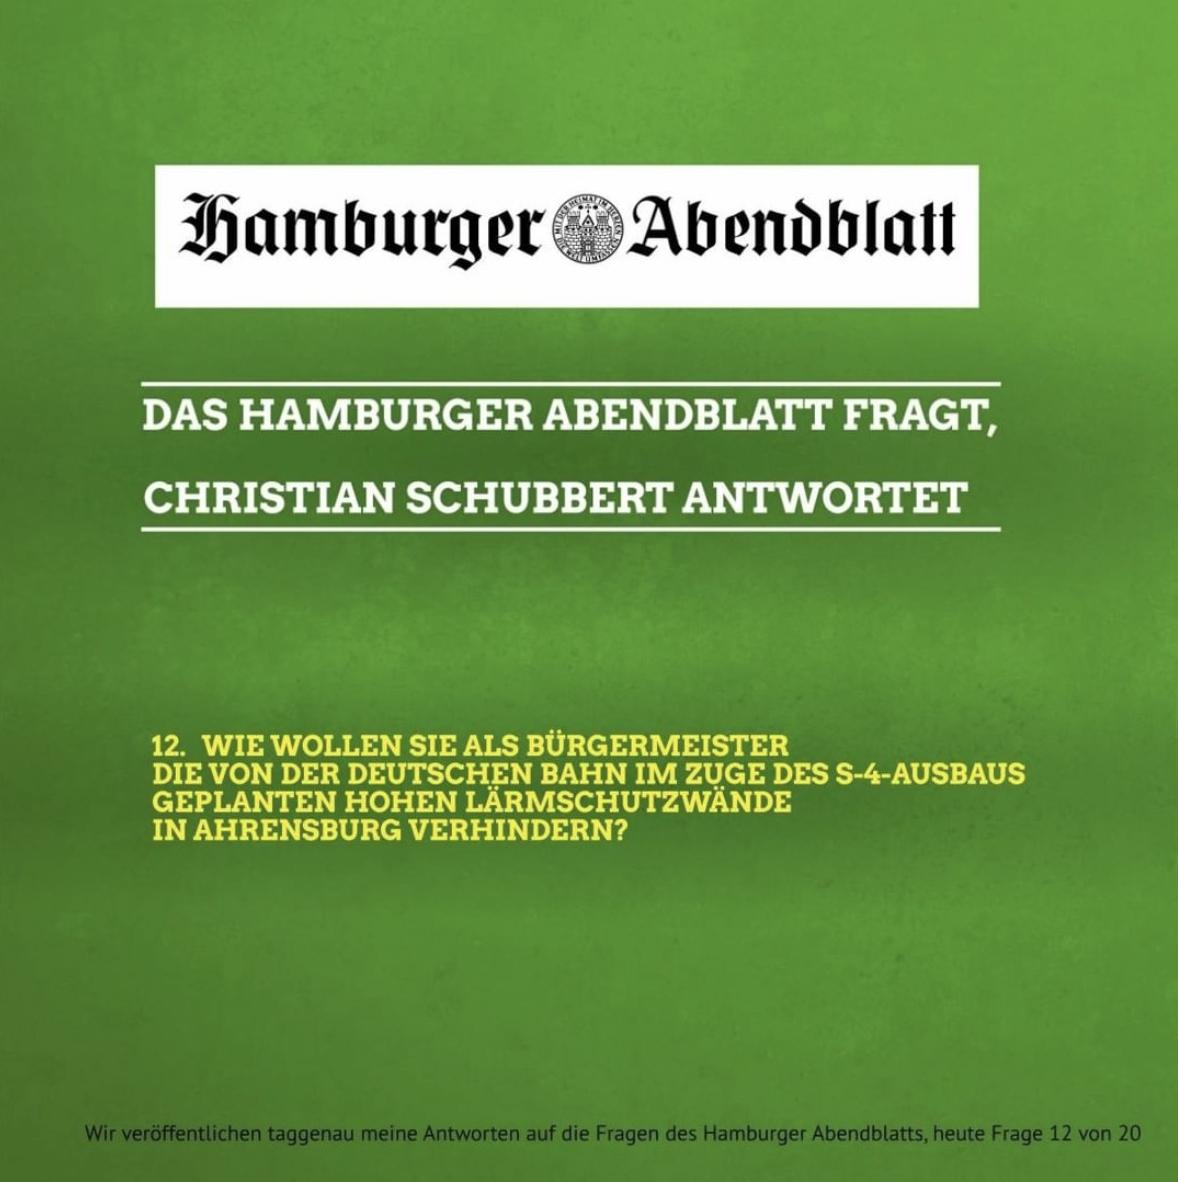 Das Hamburger Abendblatt fragt, Christian Schubbert antwortet